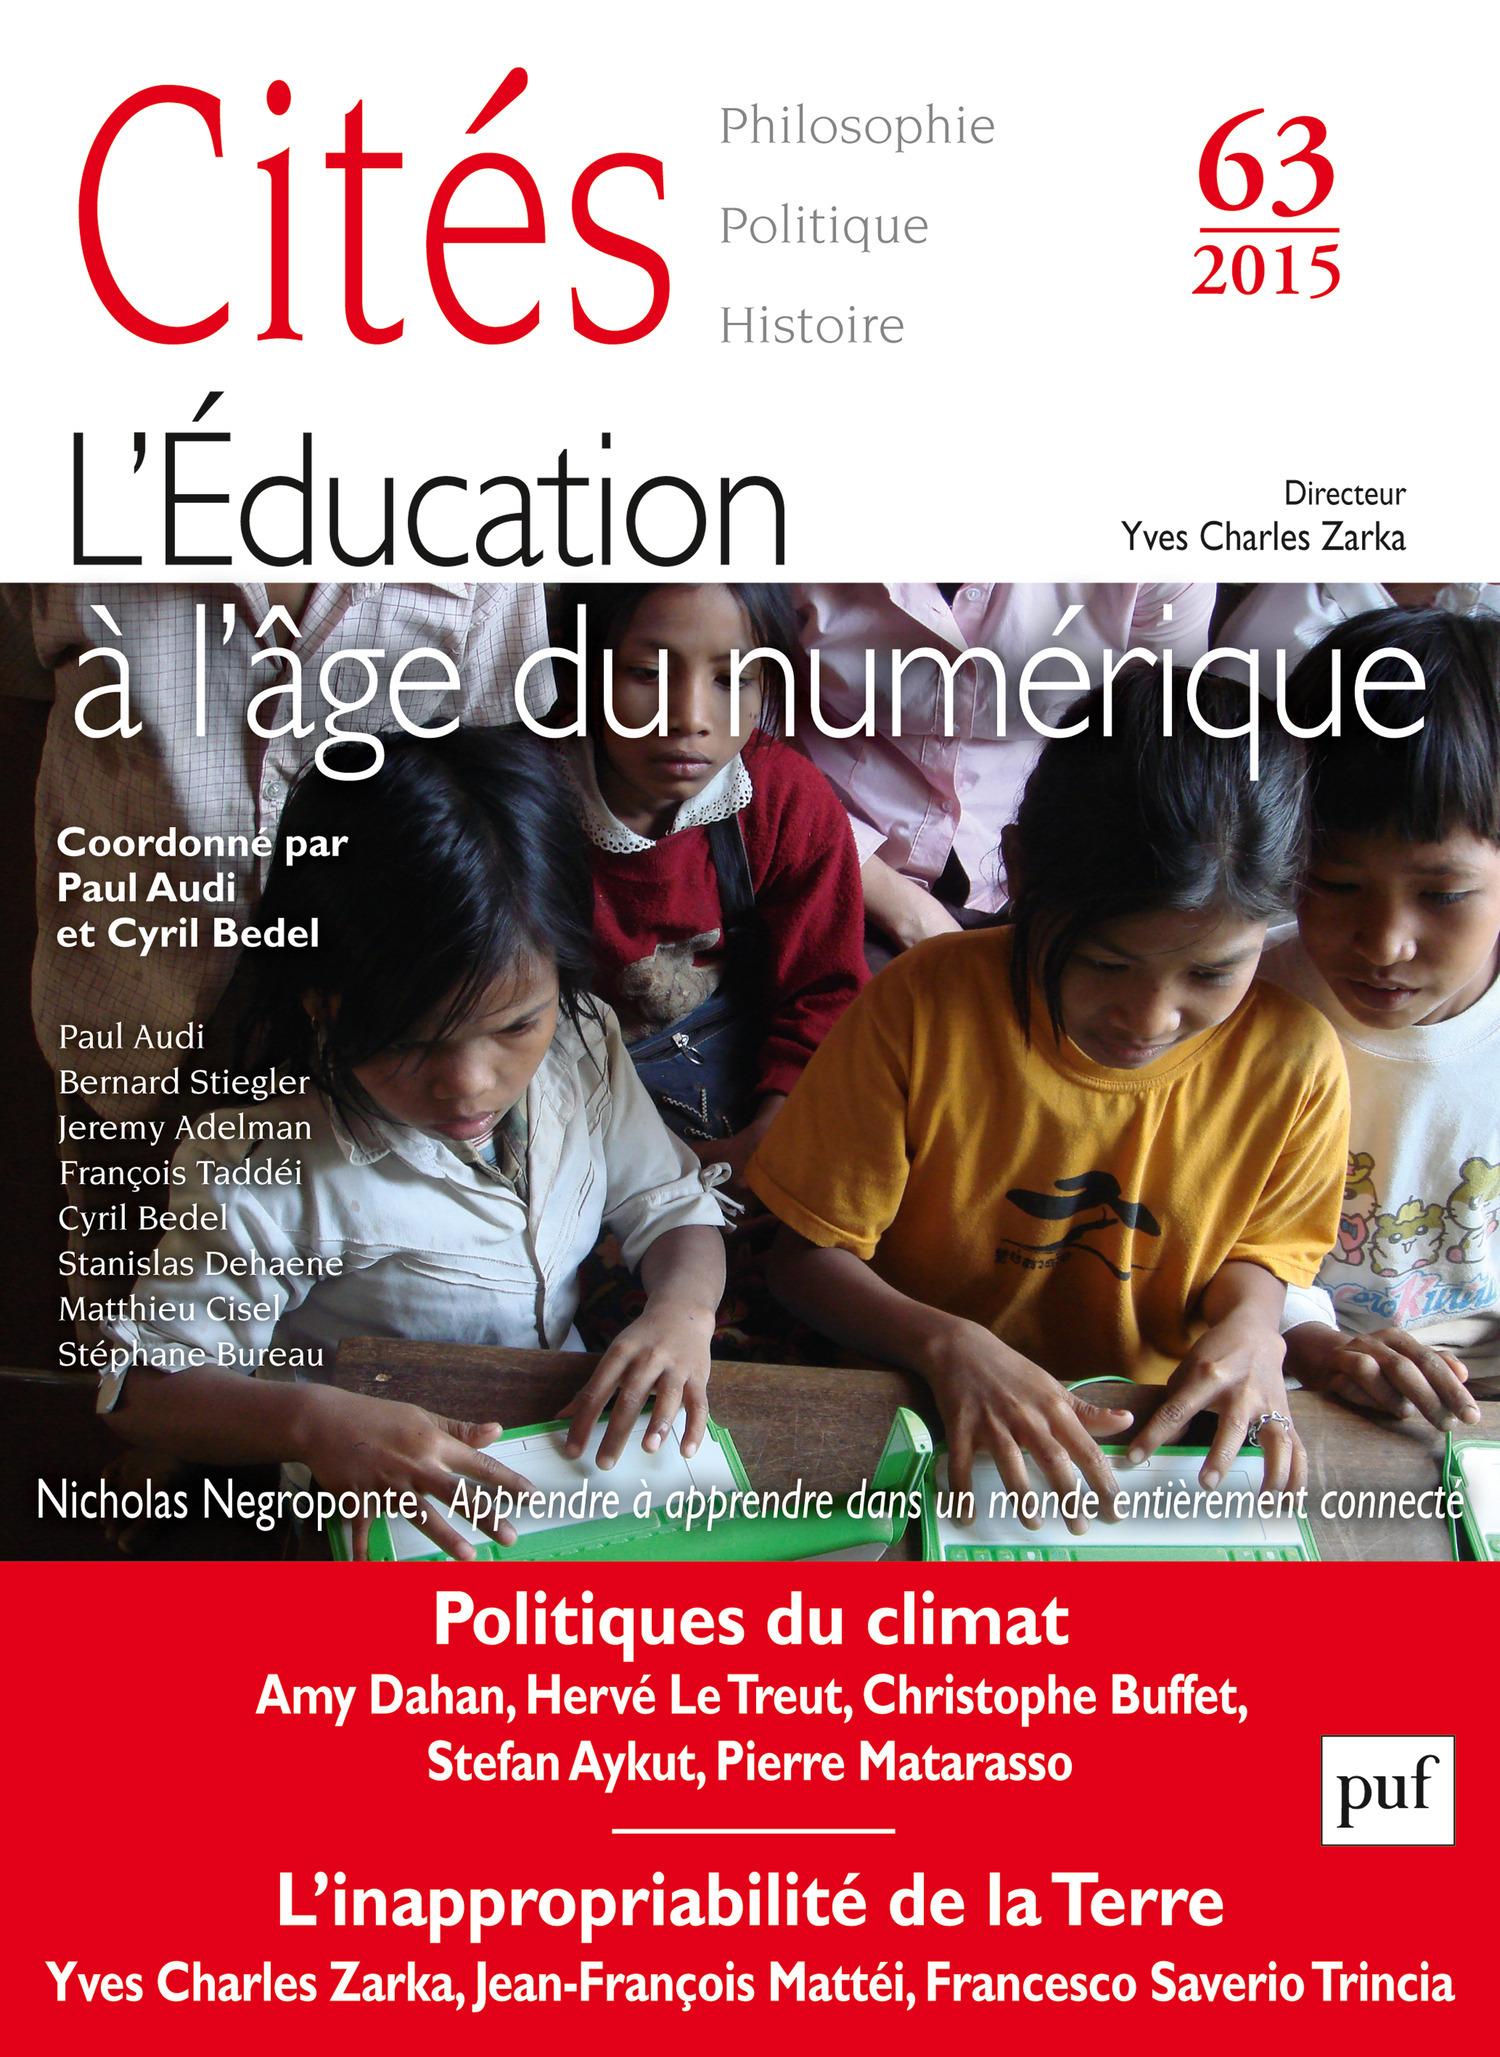 Collectif Cités 2015 - N° 63